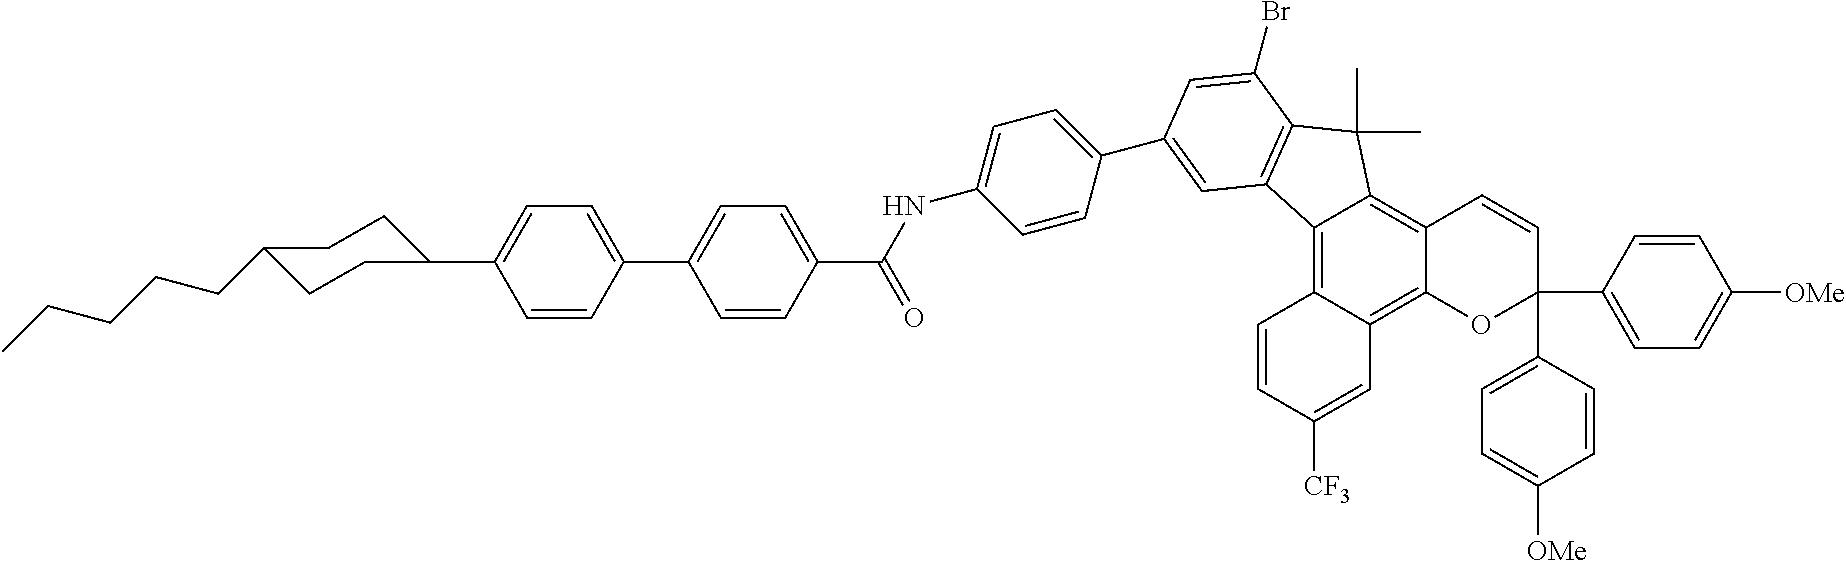 Figure US08545984-20131001-C00026